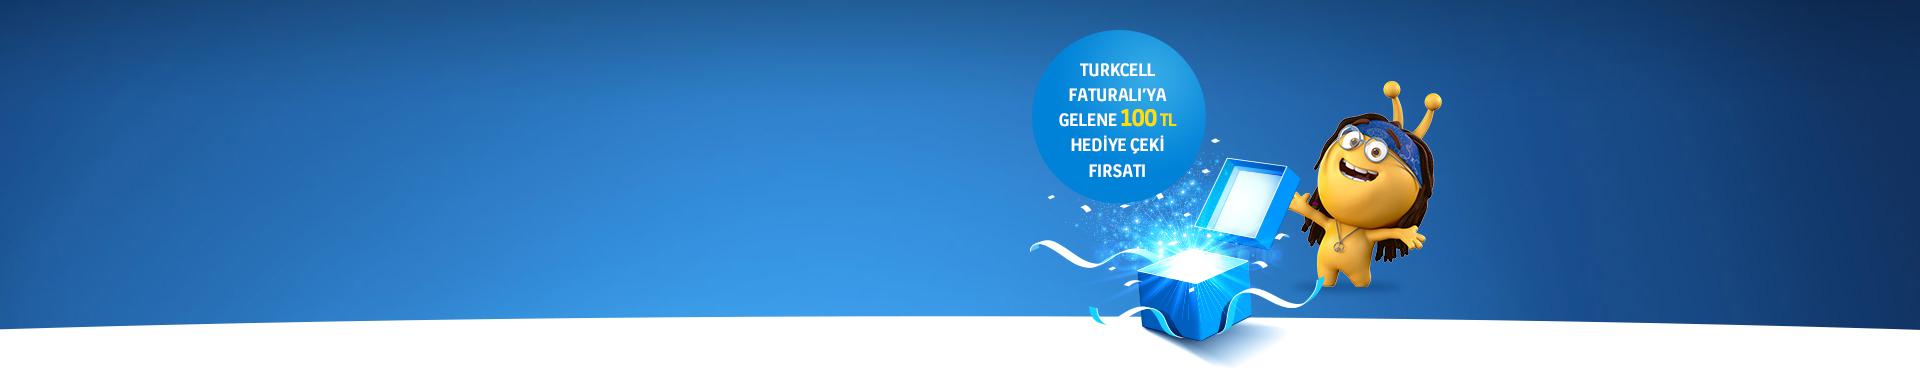 Turkcell'de Hayat Bi Başka Güzel